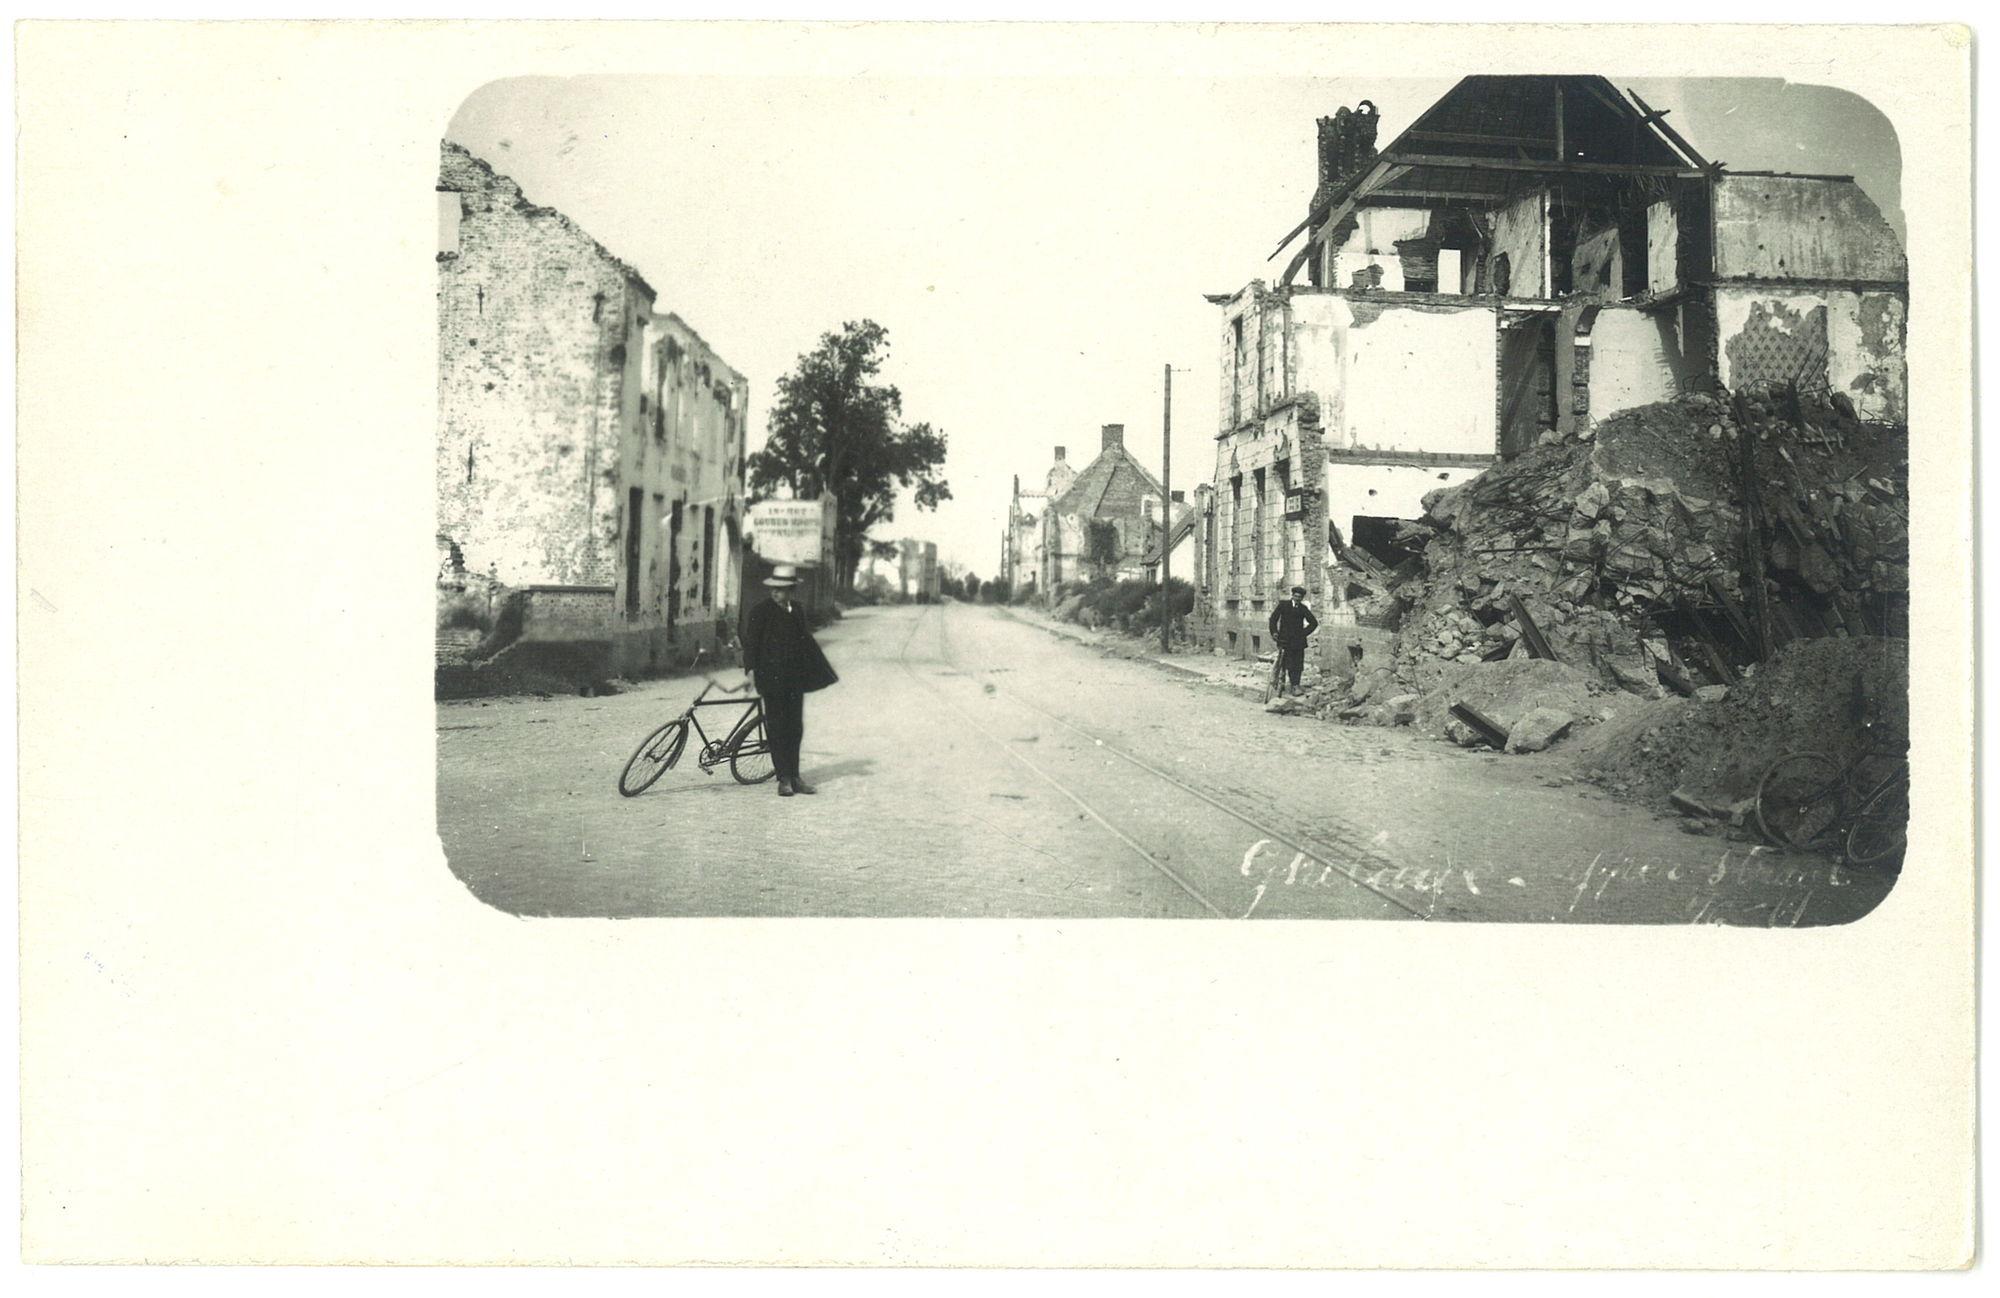 Geluwe in 1919